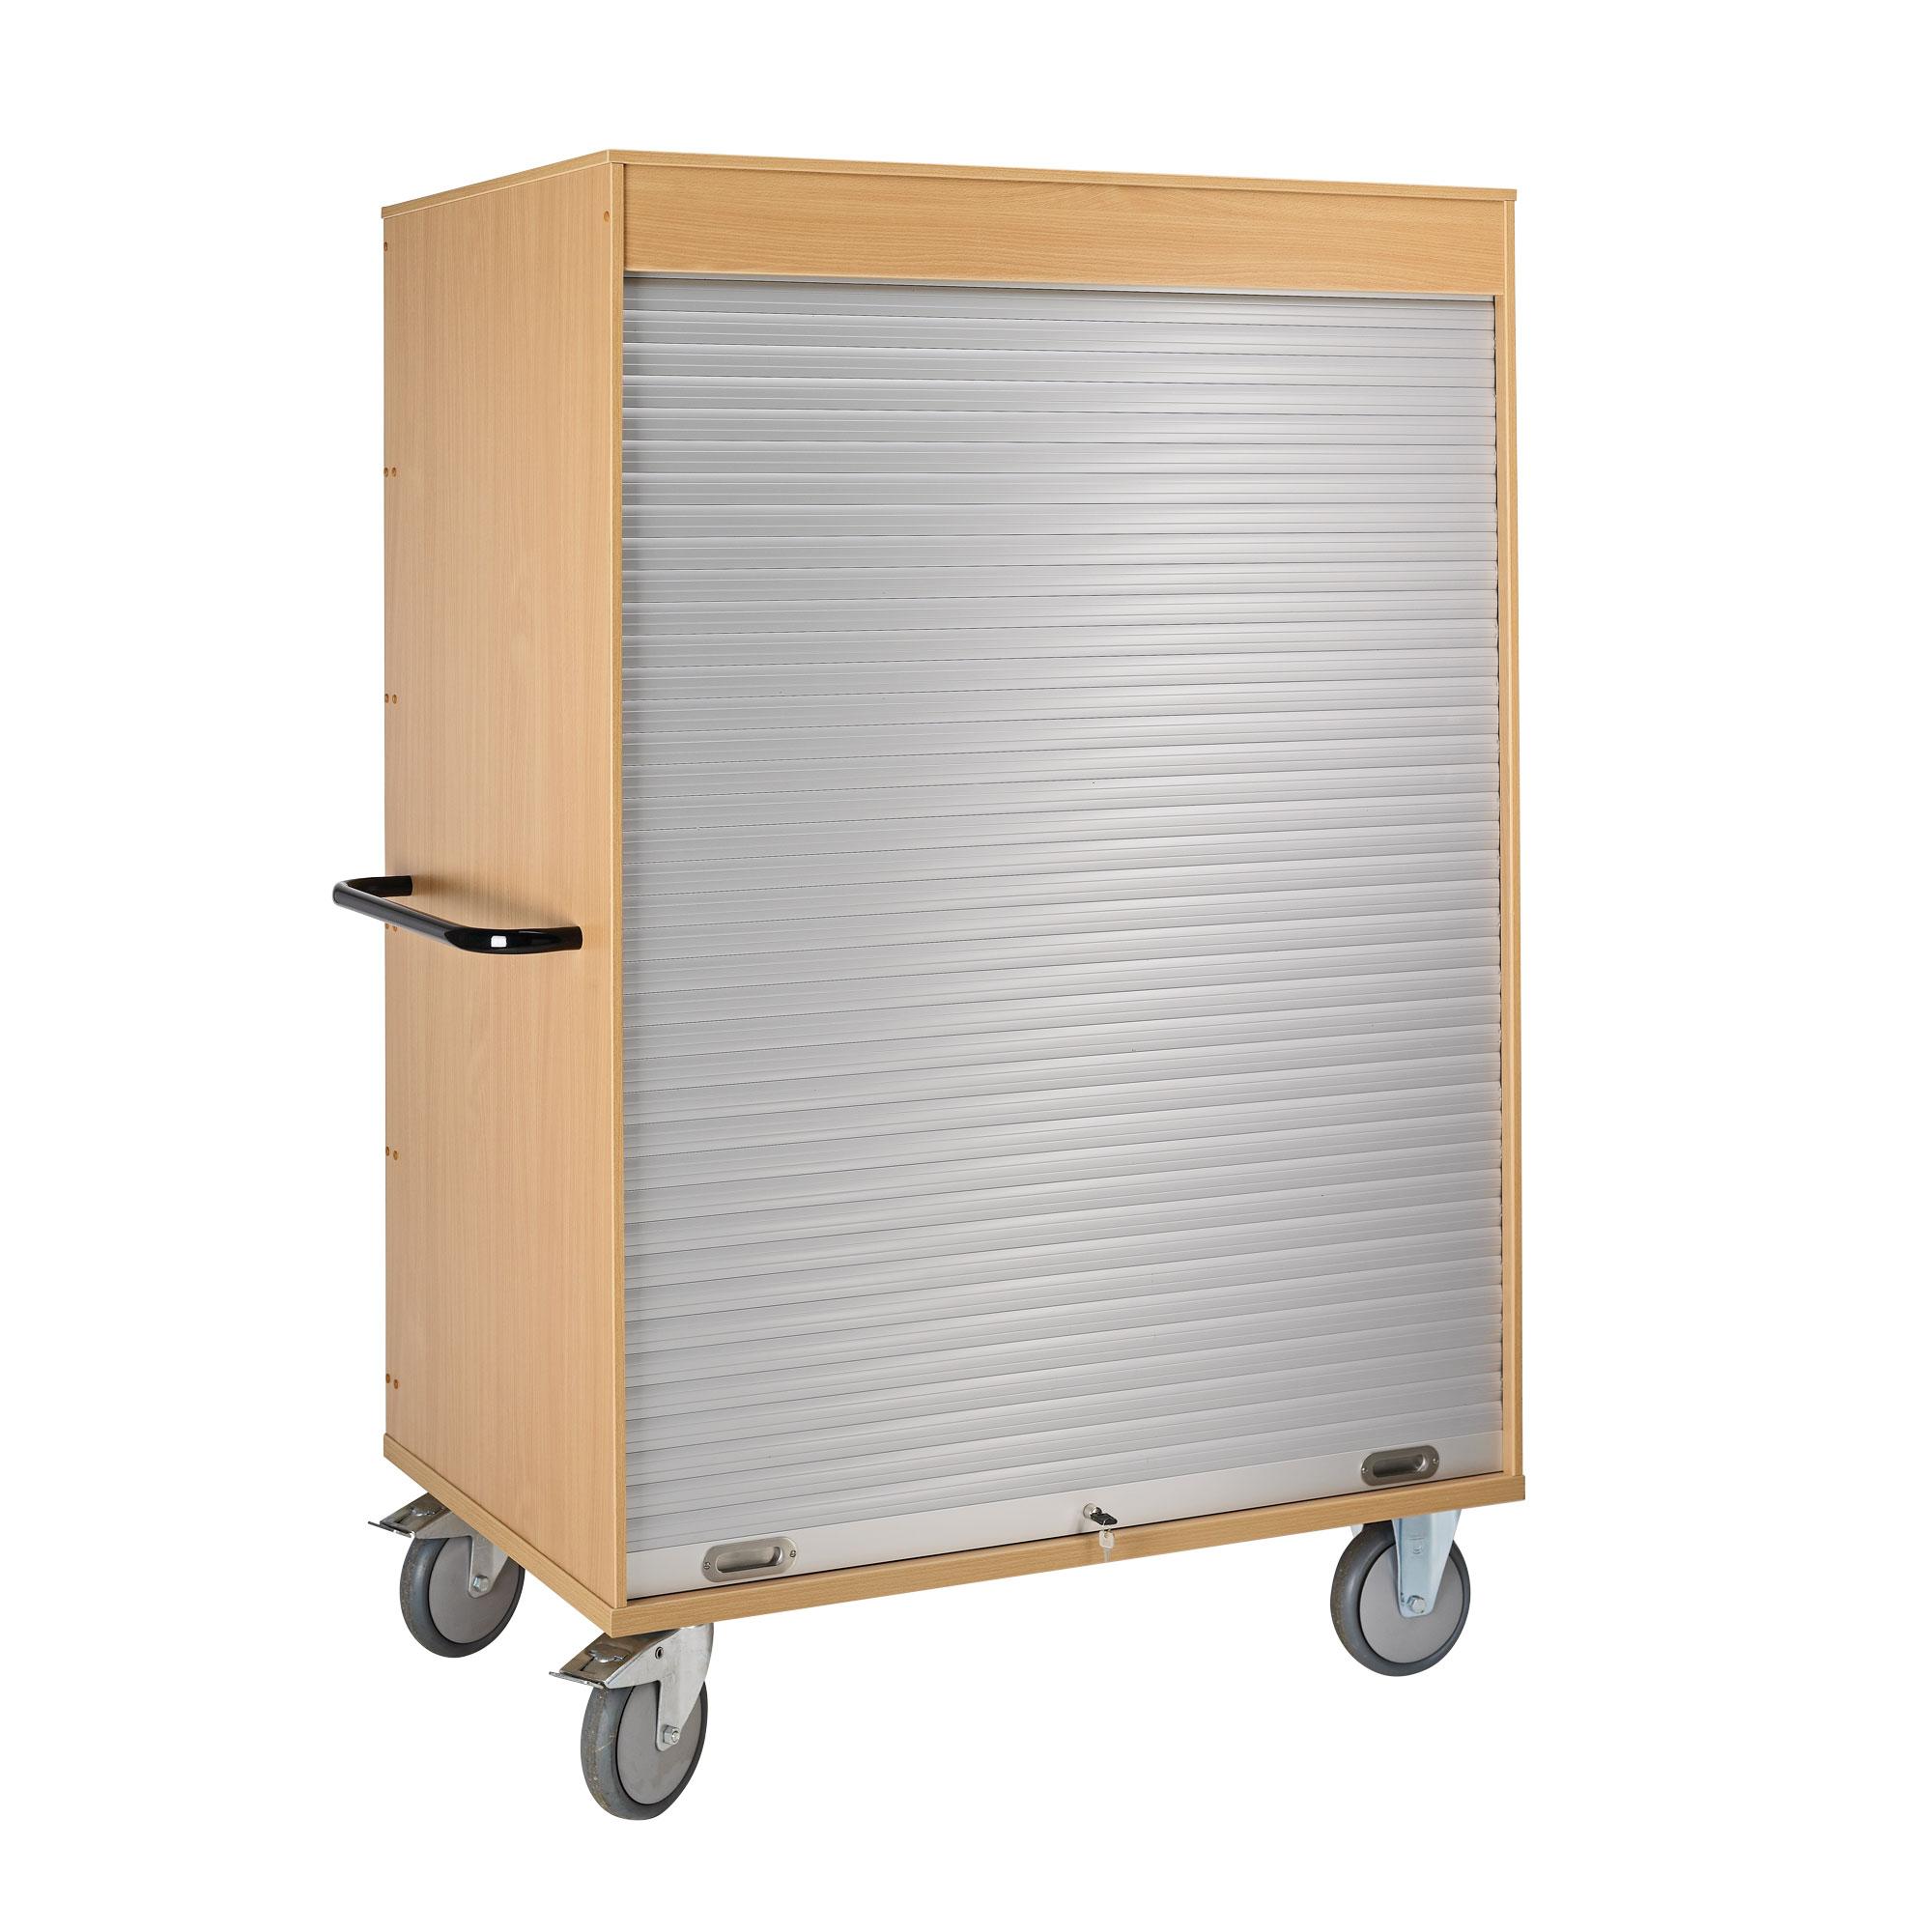 schrankwagen mit rollladen aus aluminium jetzt online kaufen im ahb shop. Black Bedroom Furniture Sets. Home Design Ideas